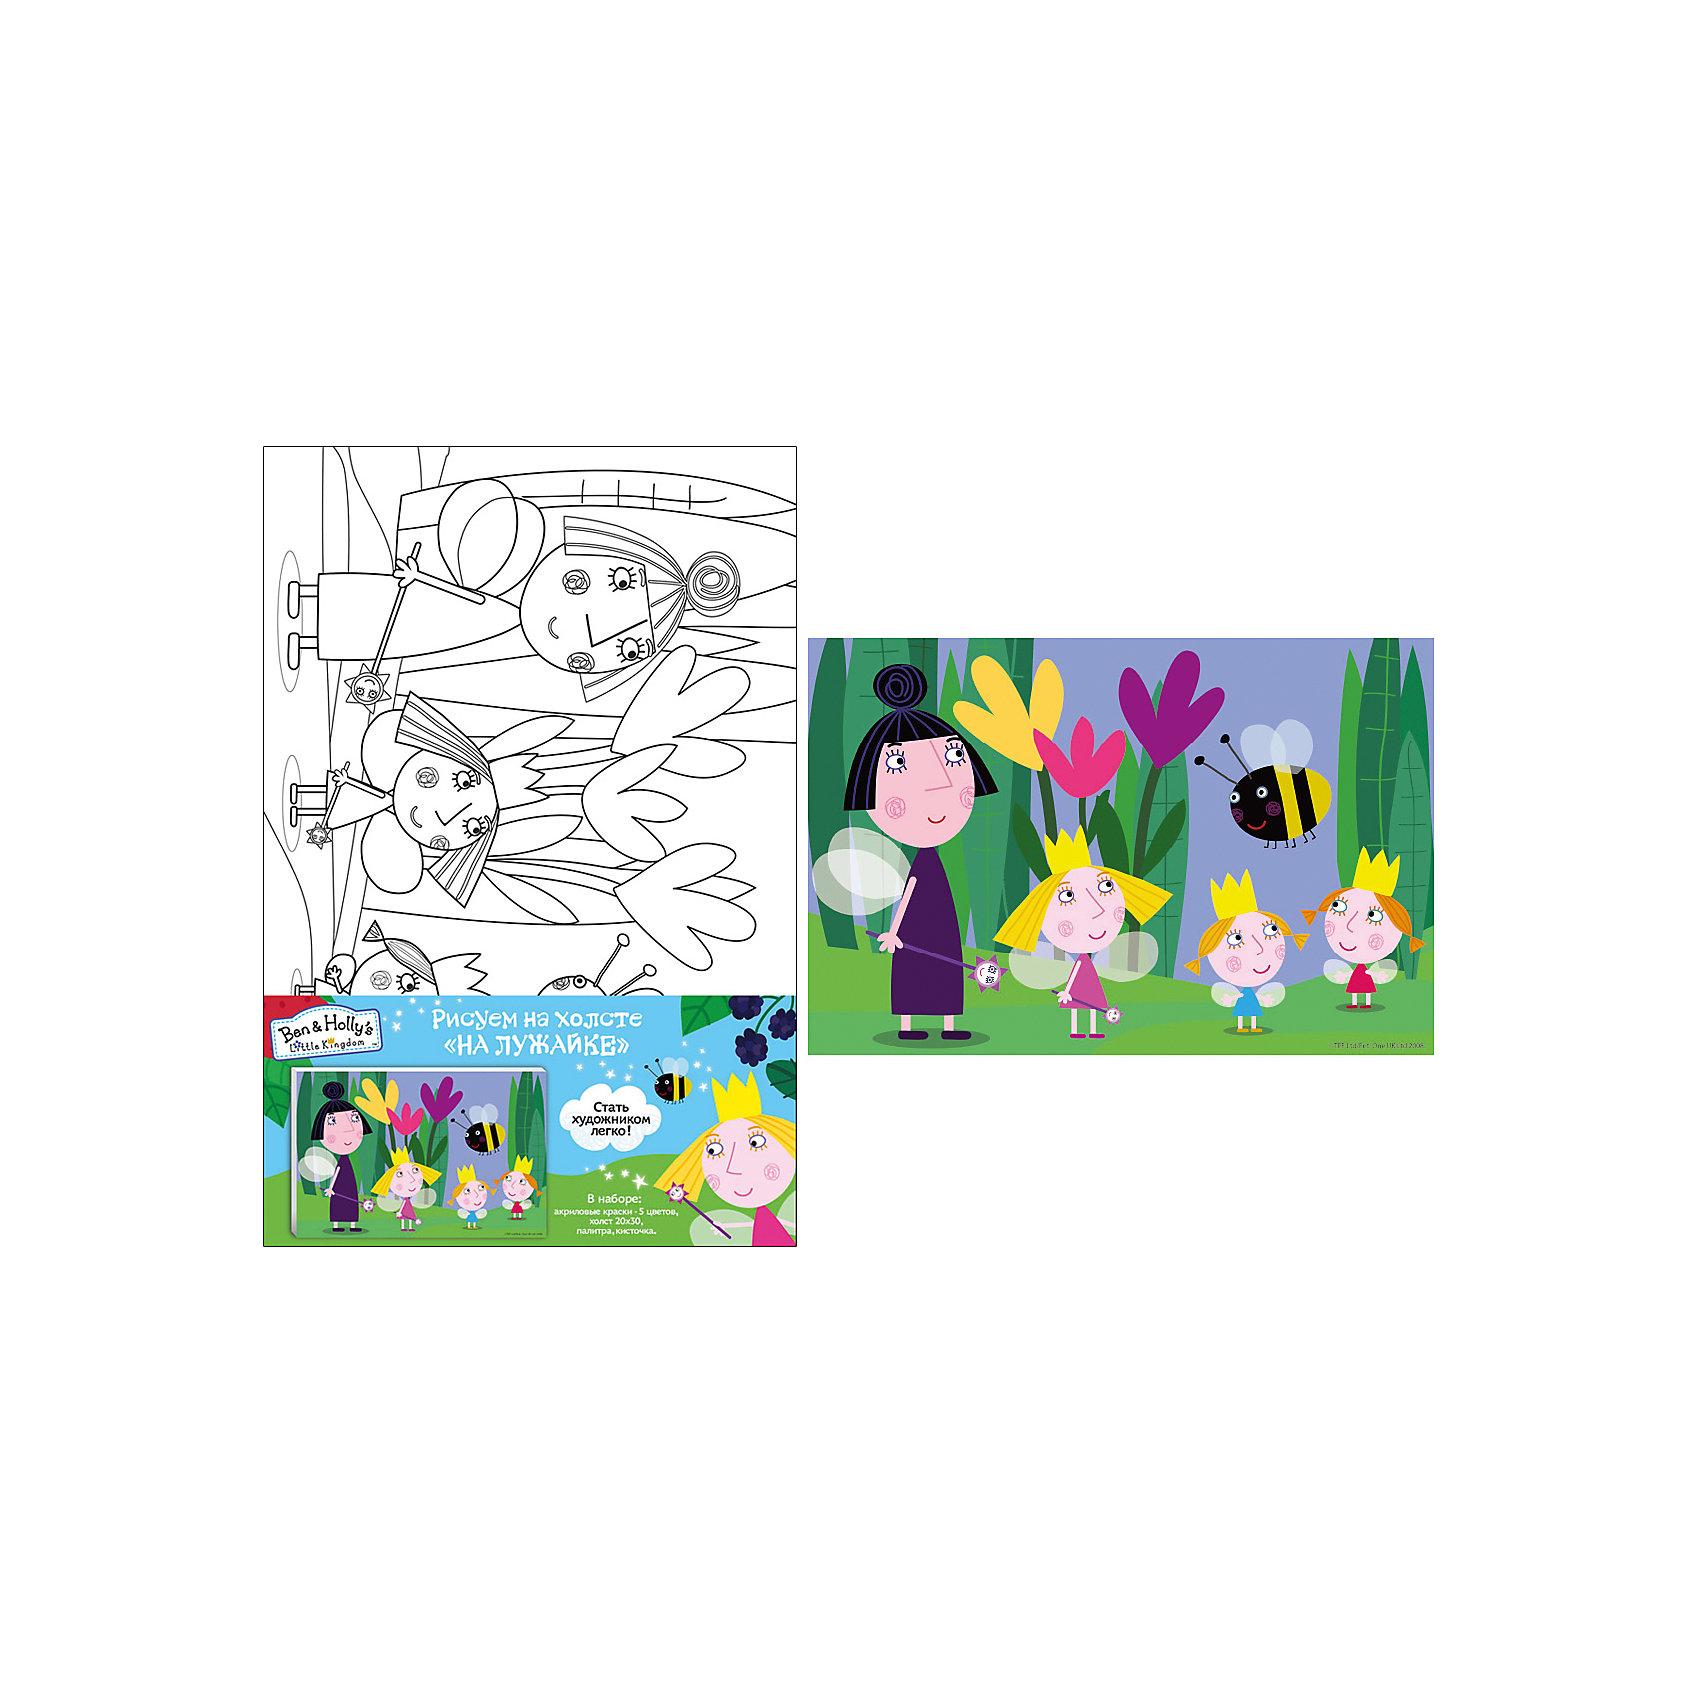 Роспись по холсту На лужайке, Бен и ХоллиРисование<br>Характеристики товара:<br><br>• количество цветов: 5 шт.<br>• комплект: холст с контурным рисунком, натянутый на деревянную рамку (20х30 см), краски в металлических тубах, палитра, кисточка<br>• размер картинки: 20х30 см<br>• акриловые краски легко ложатся на холст, быстро сохнут, хорошо растворяются в воде, после высыхания становятся водонепроницаемыми<br>• состав: 100% хлопок, картон, пластик<br>• страна бренда: Россия<br>• страна изготовитель: Китай<br><br>В набор для творчества входит все, чтобы создать настоящее произведение искусства своими руками: холст с нанесенными контурами рисунка, краски, палитра, кисточка. Можно раскрасить рисунок по образцу. Смешивая краски, юный художник получит новые цвета и оттенки. Ткань обработана специальным составом, который обеспечивает нанесение красок равномерным слоем.<br><br>Роспись по холсту На лужайке, Бен и Холли, вы можете приобрести в нашем интернет-магазине.<br><br>Ширина мм: 300<br>Глубина мм: 200<br>Высота мм: 150<br>Вес г: 190<br>Возраст от месяцев: 36<br>Возраст до месяцев: 2147483647<br>Пол: Унисекс<br>Возраст: Детский<br>SKU: 5453447